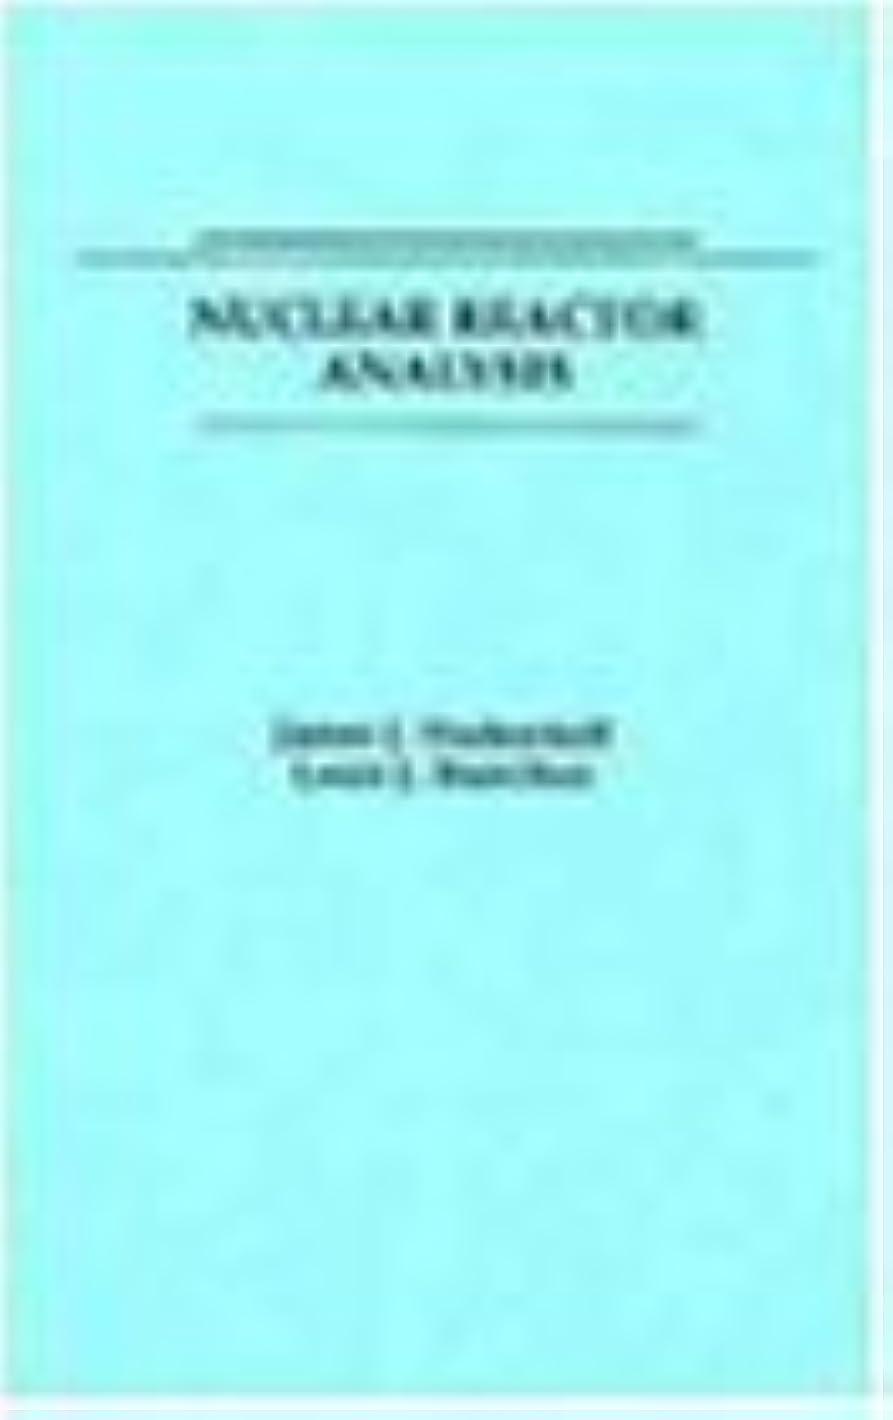 凝視瞳サーカスNuclear Reactor Analysis